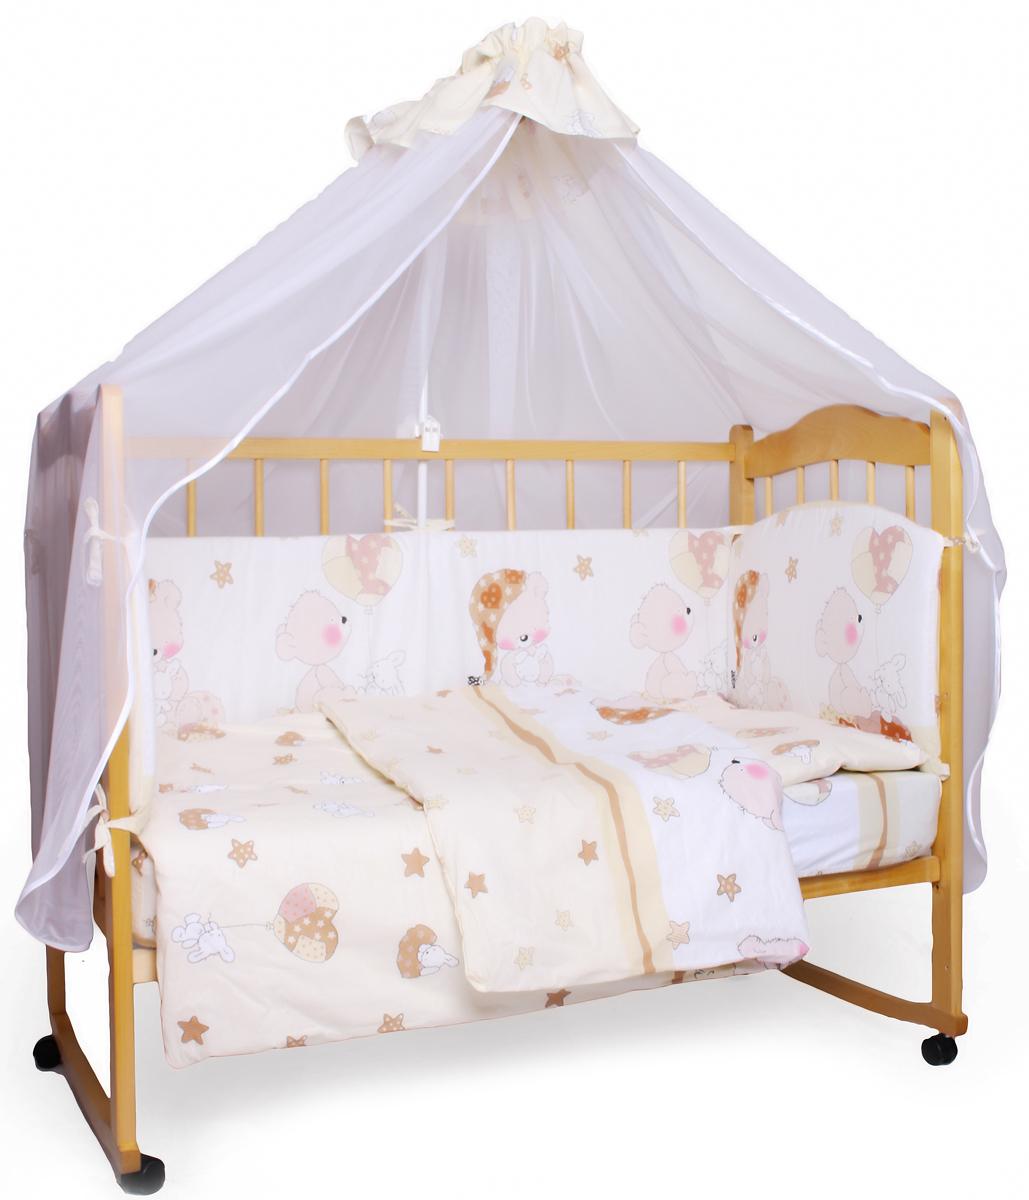 Amarobaby Комплект белья для новорожденных Мишкин сон цвет бежевый 7 предметов